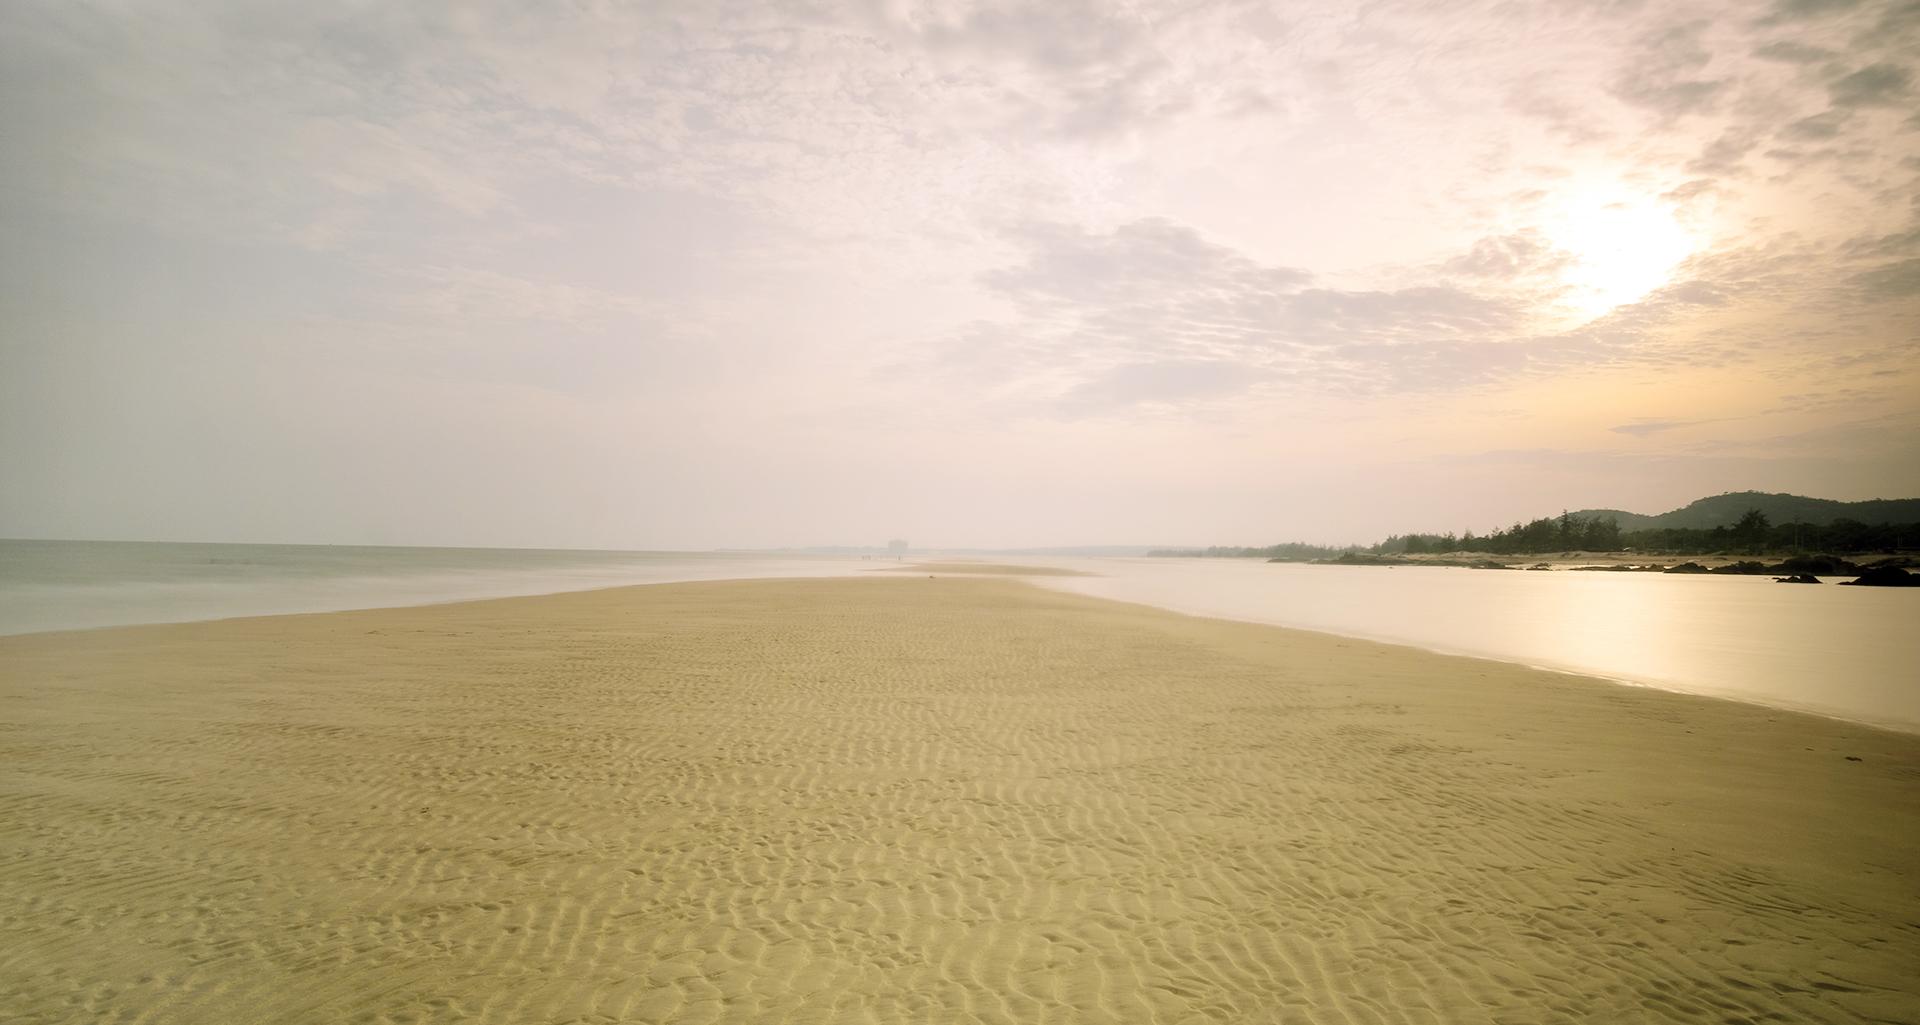 Điểm nhấn đầu tư bất động sản nghỉ dưỡng Hồ Tràm 2